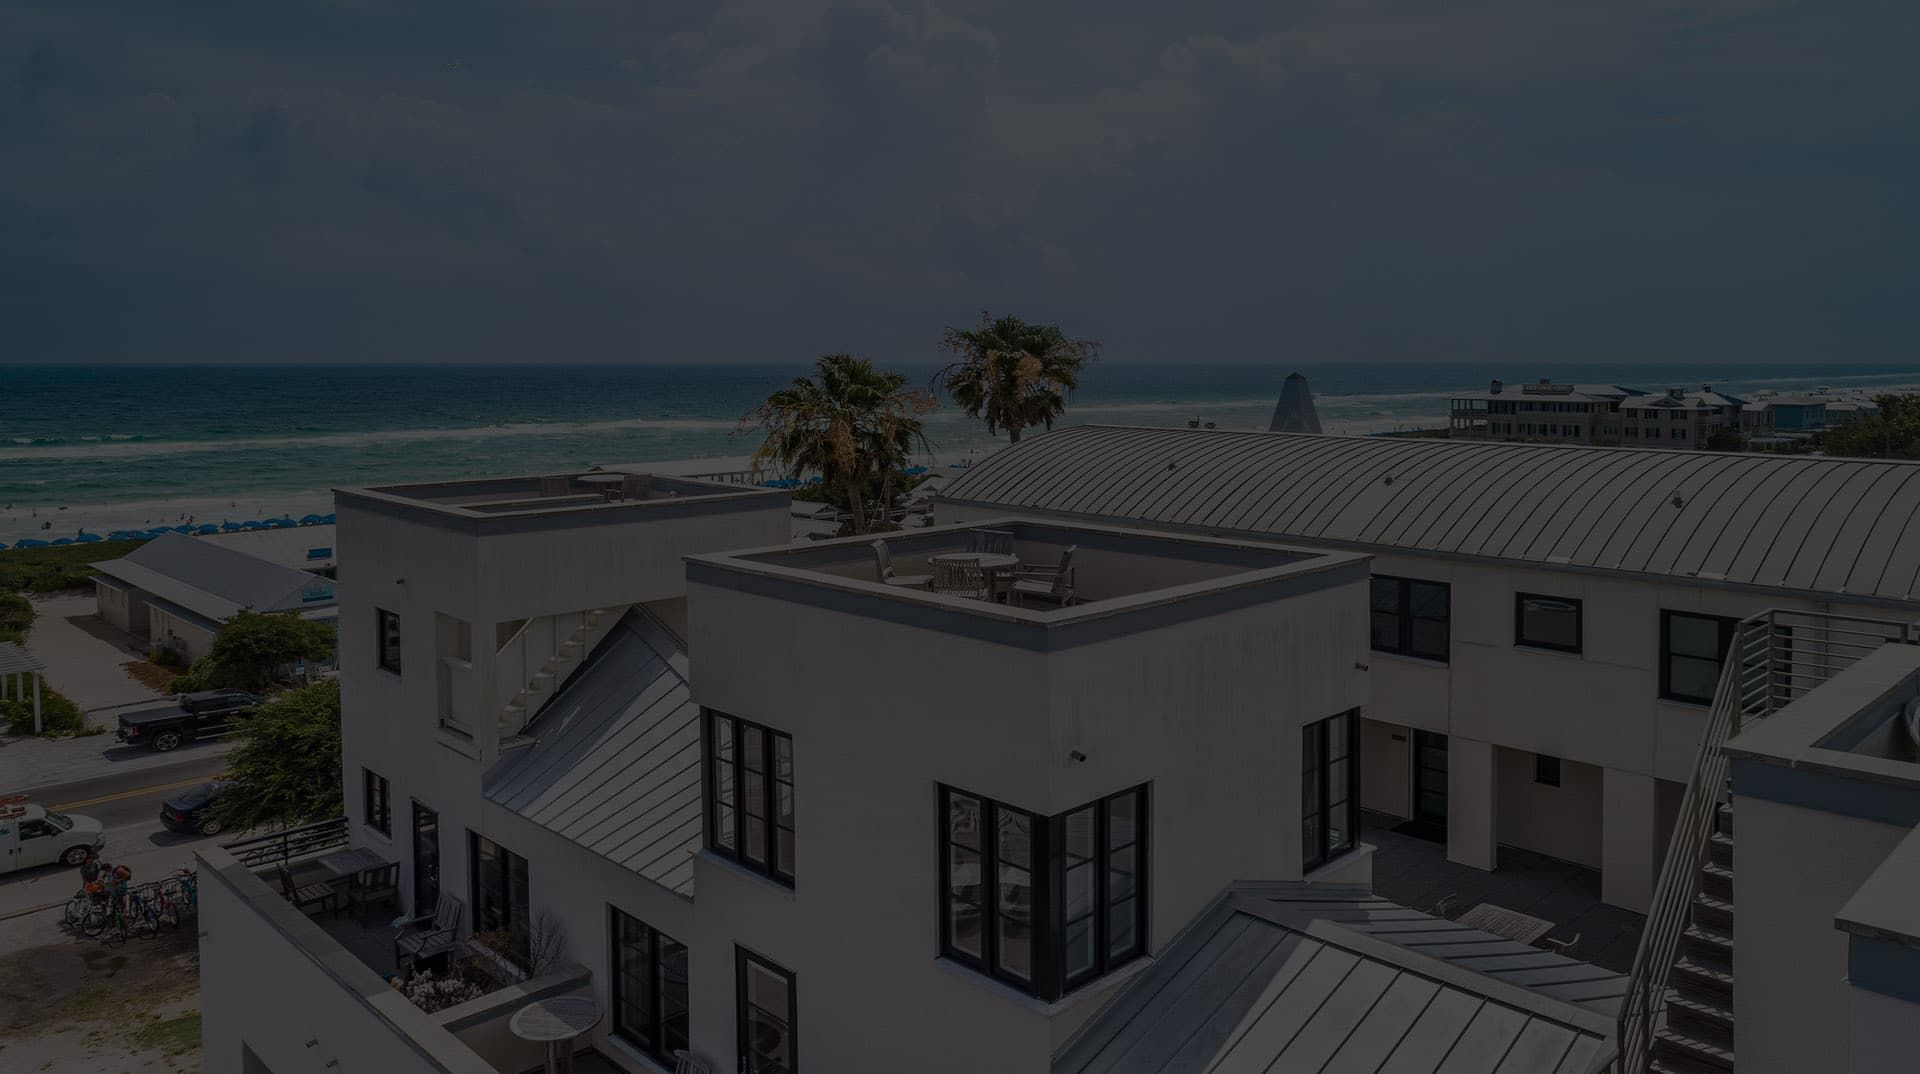 seaside condo mortgage, seaside fl condo mortgage, seaside florida condo mortgage, seaside fl condo mortgage rates, seaside fl condo mortgage broker, seaside fl mortgage calculator, mortgage broker near me,